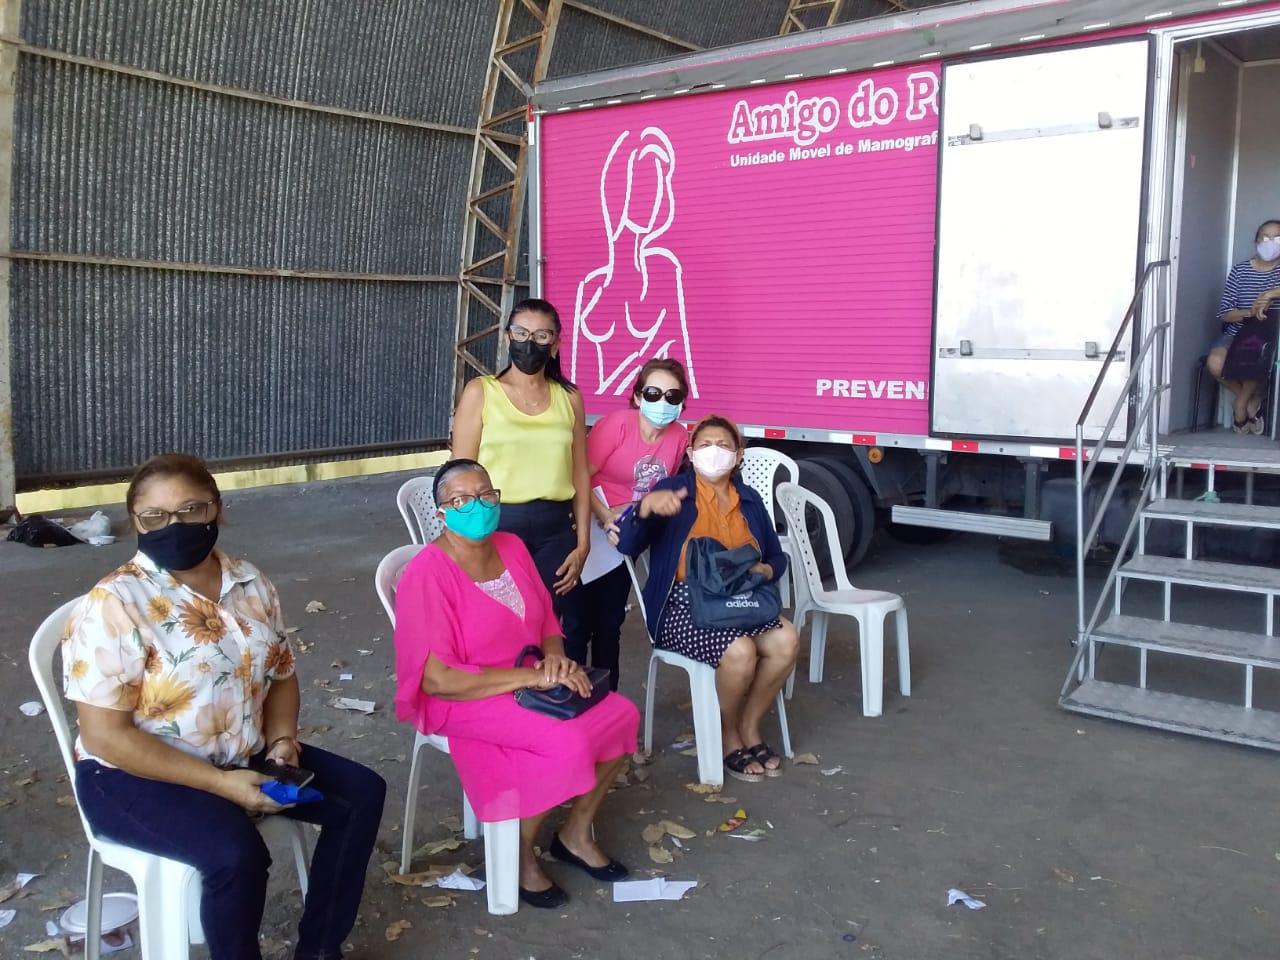 Prefeitura de Eusébio conclui primeiro mutirão de mamografias de 2021 atendendo 320 mulheres